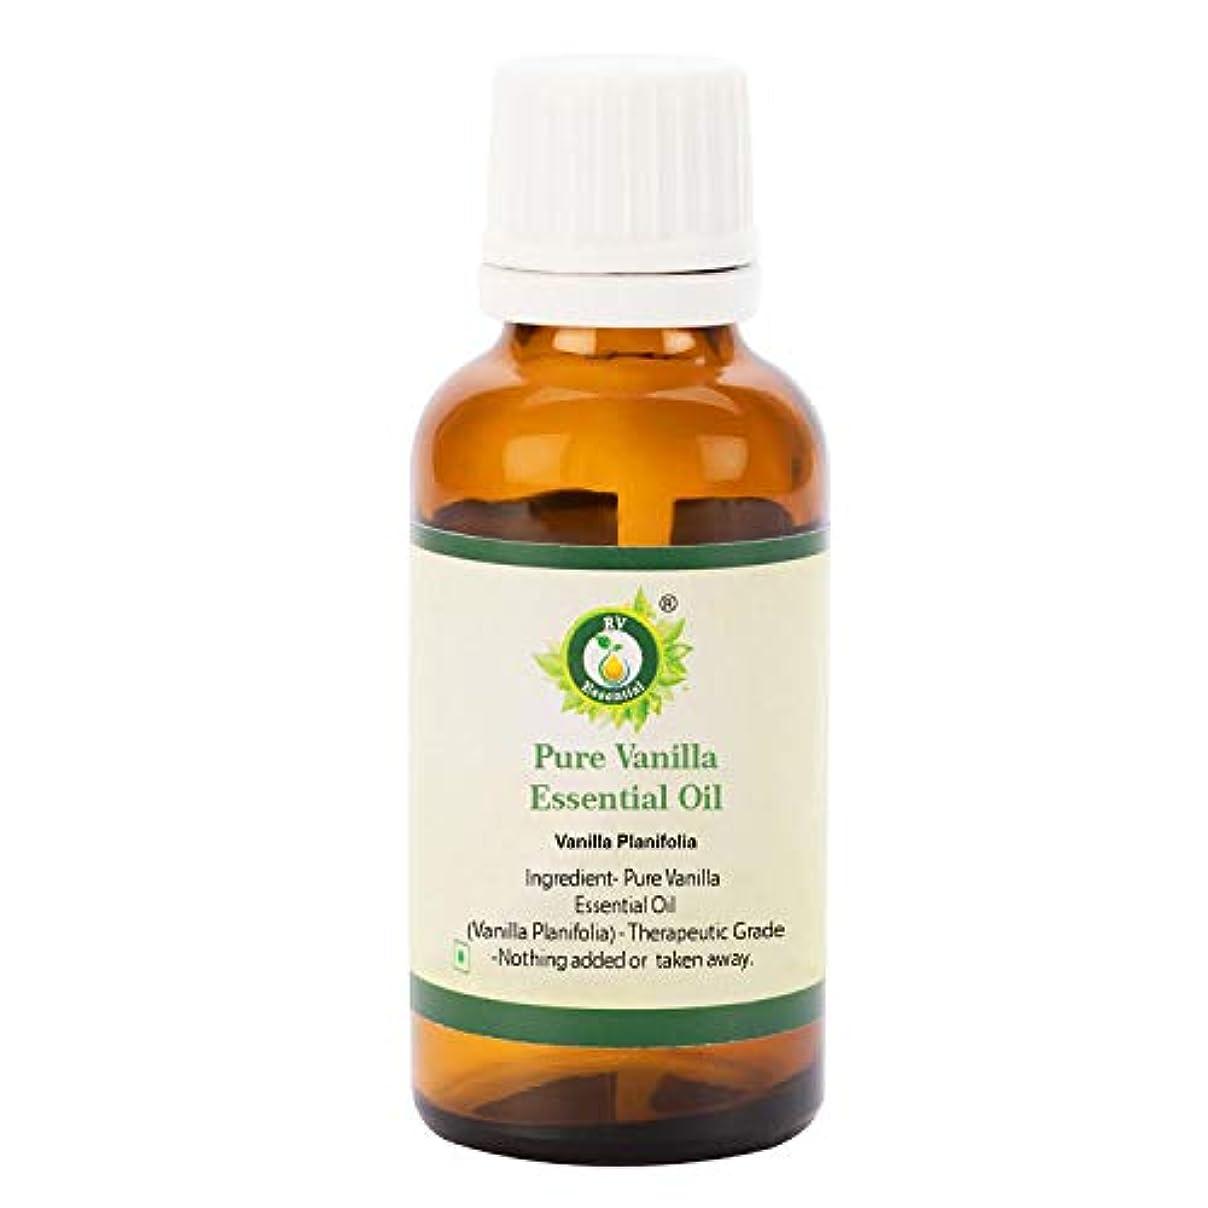 休憩コショウ疑問を超えてR V Essential ピュアバニラエッセンシャルオイル10ml (0.338oz)- Vanilla Planifolia (100%純粋&天然) Pure Vanilla Essential Oil